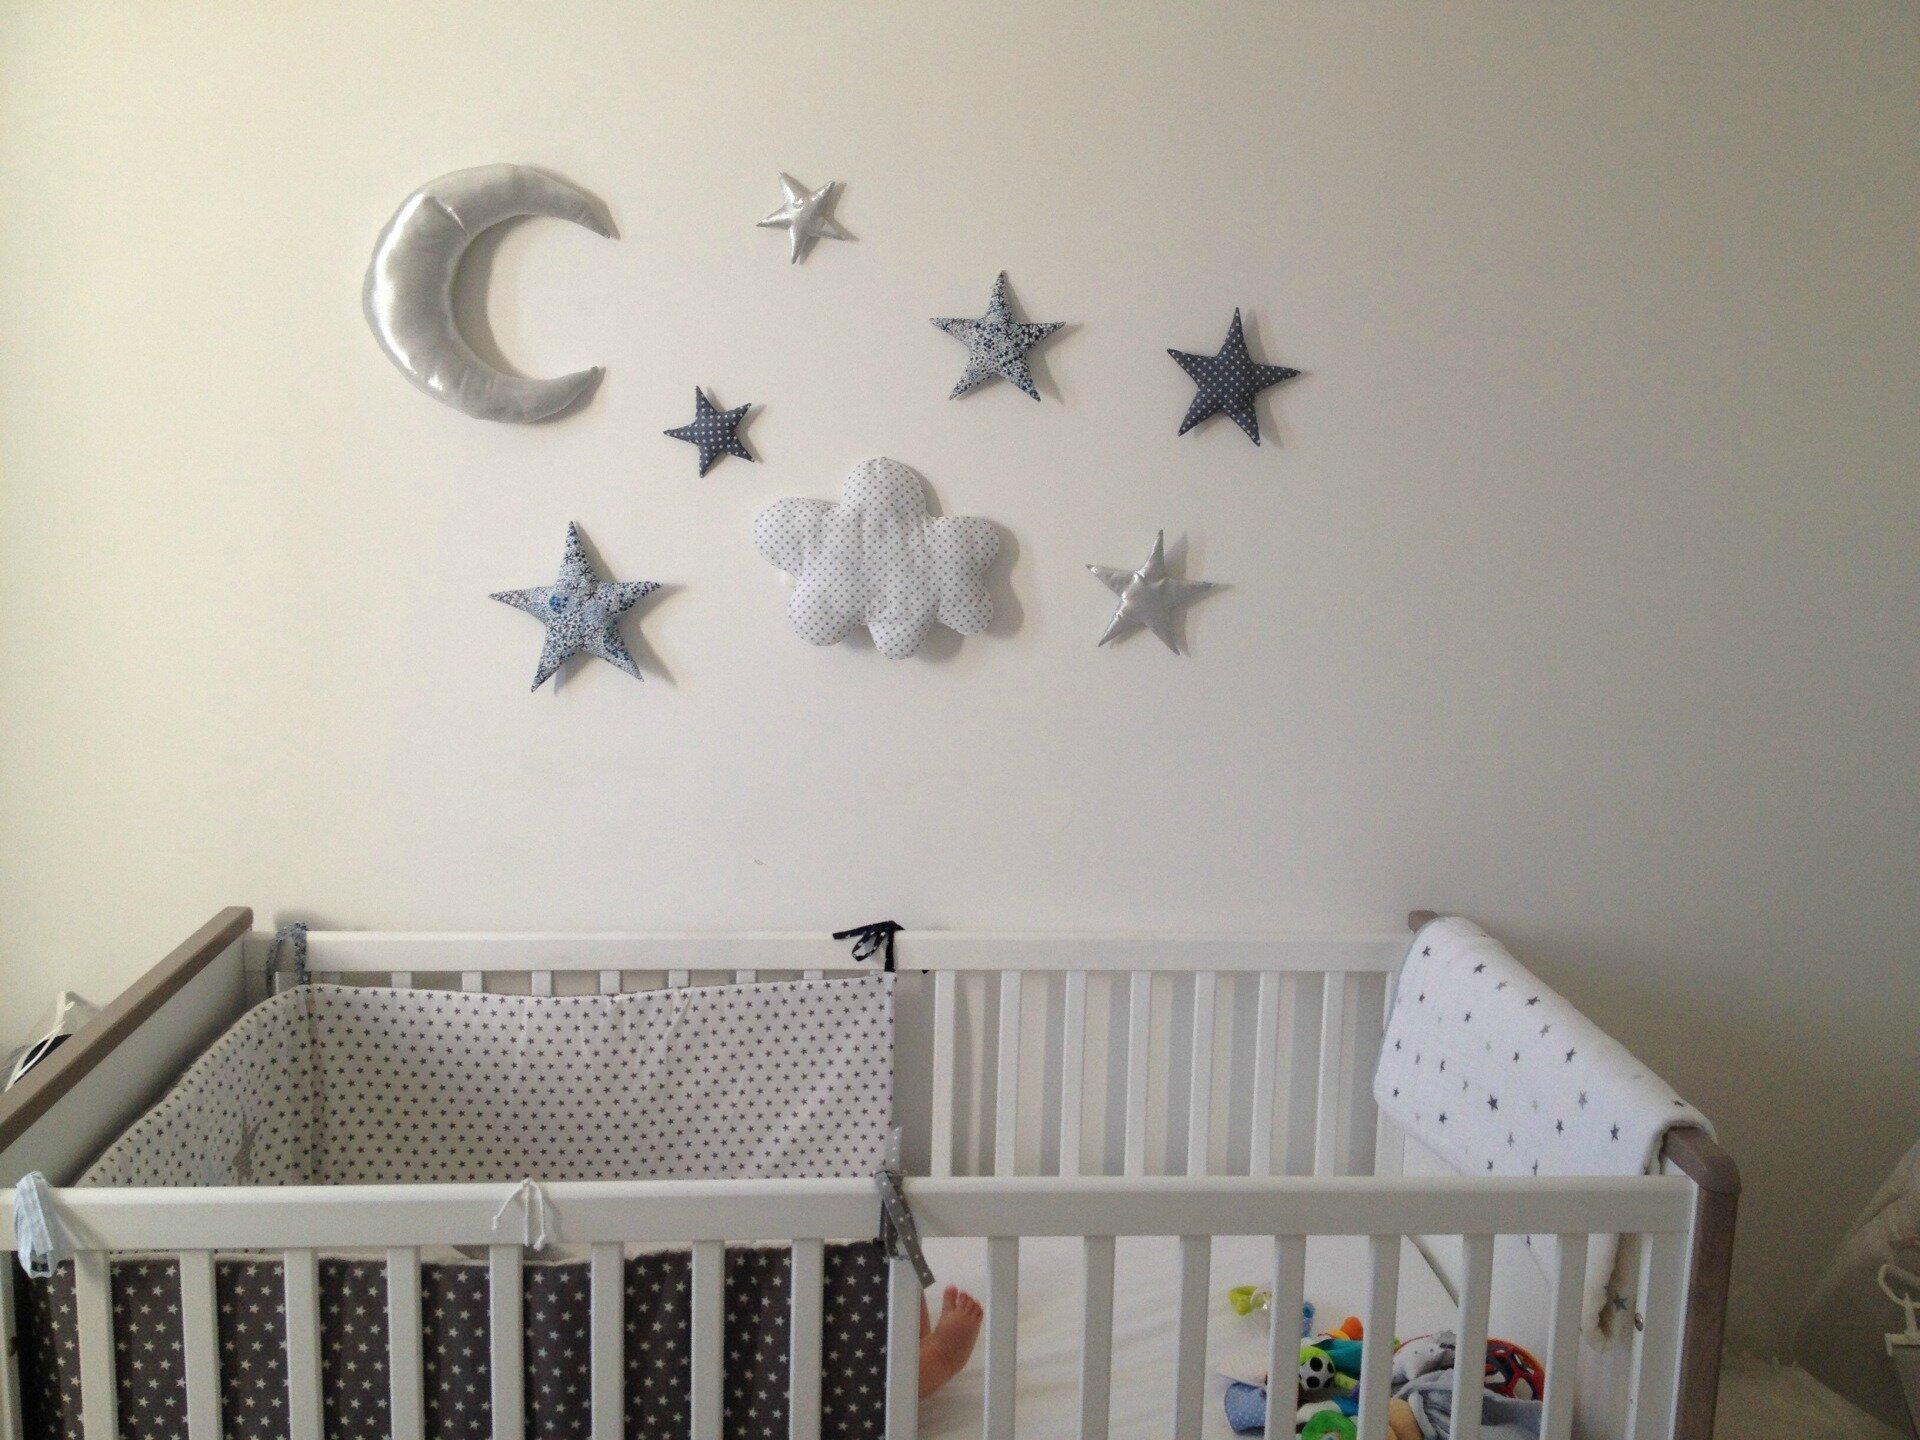 Décoration murale: lune, étoiles, nuage